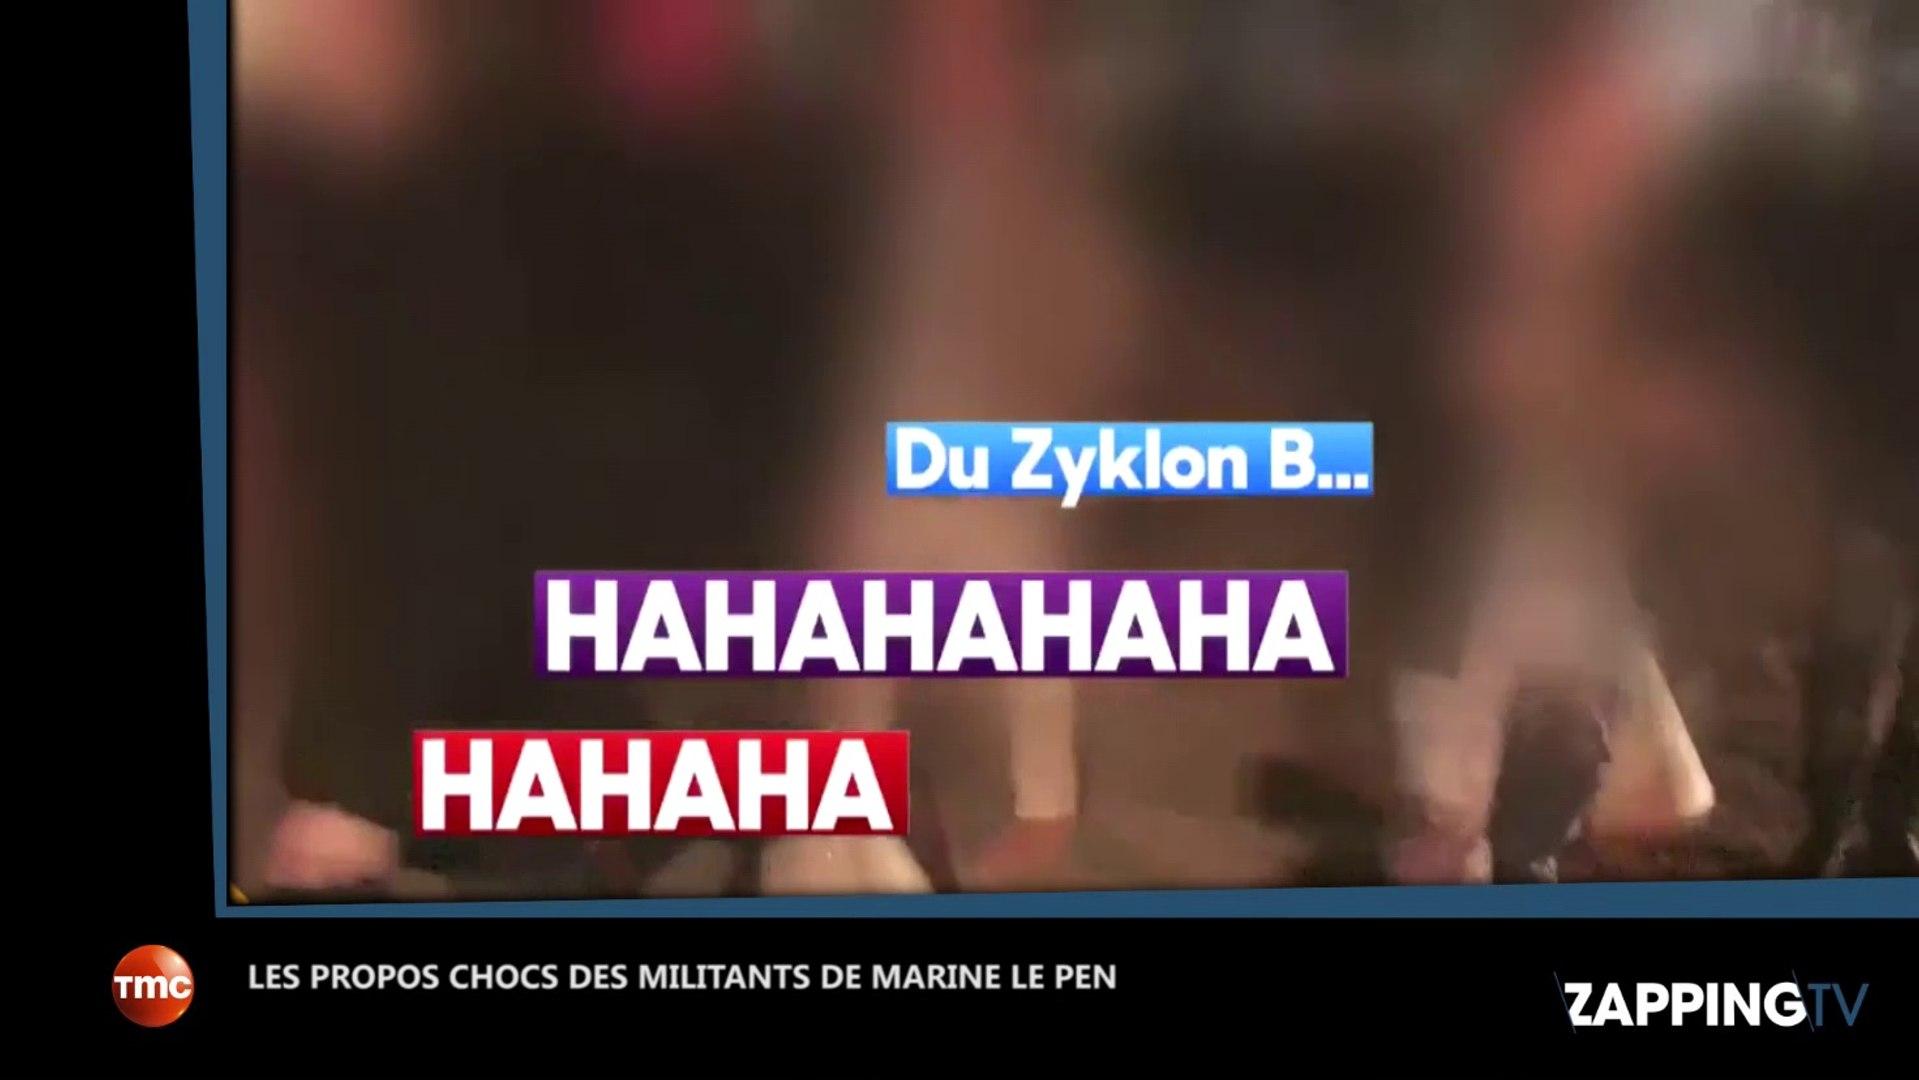 Marine Le Pen : les propos chocs de ses militants qui évoquent le Zyklon B à son meeting (vidéo)